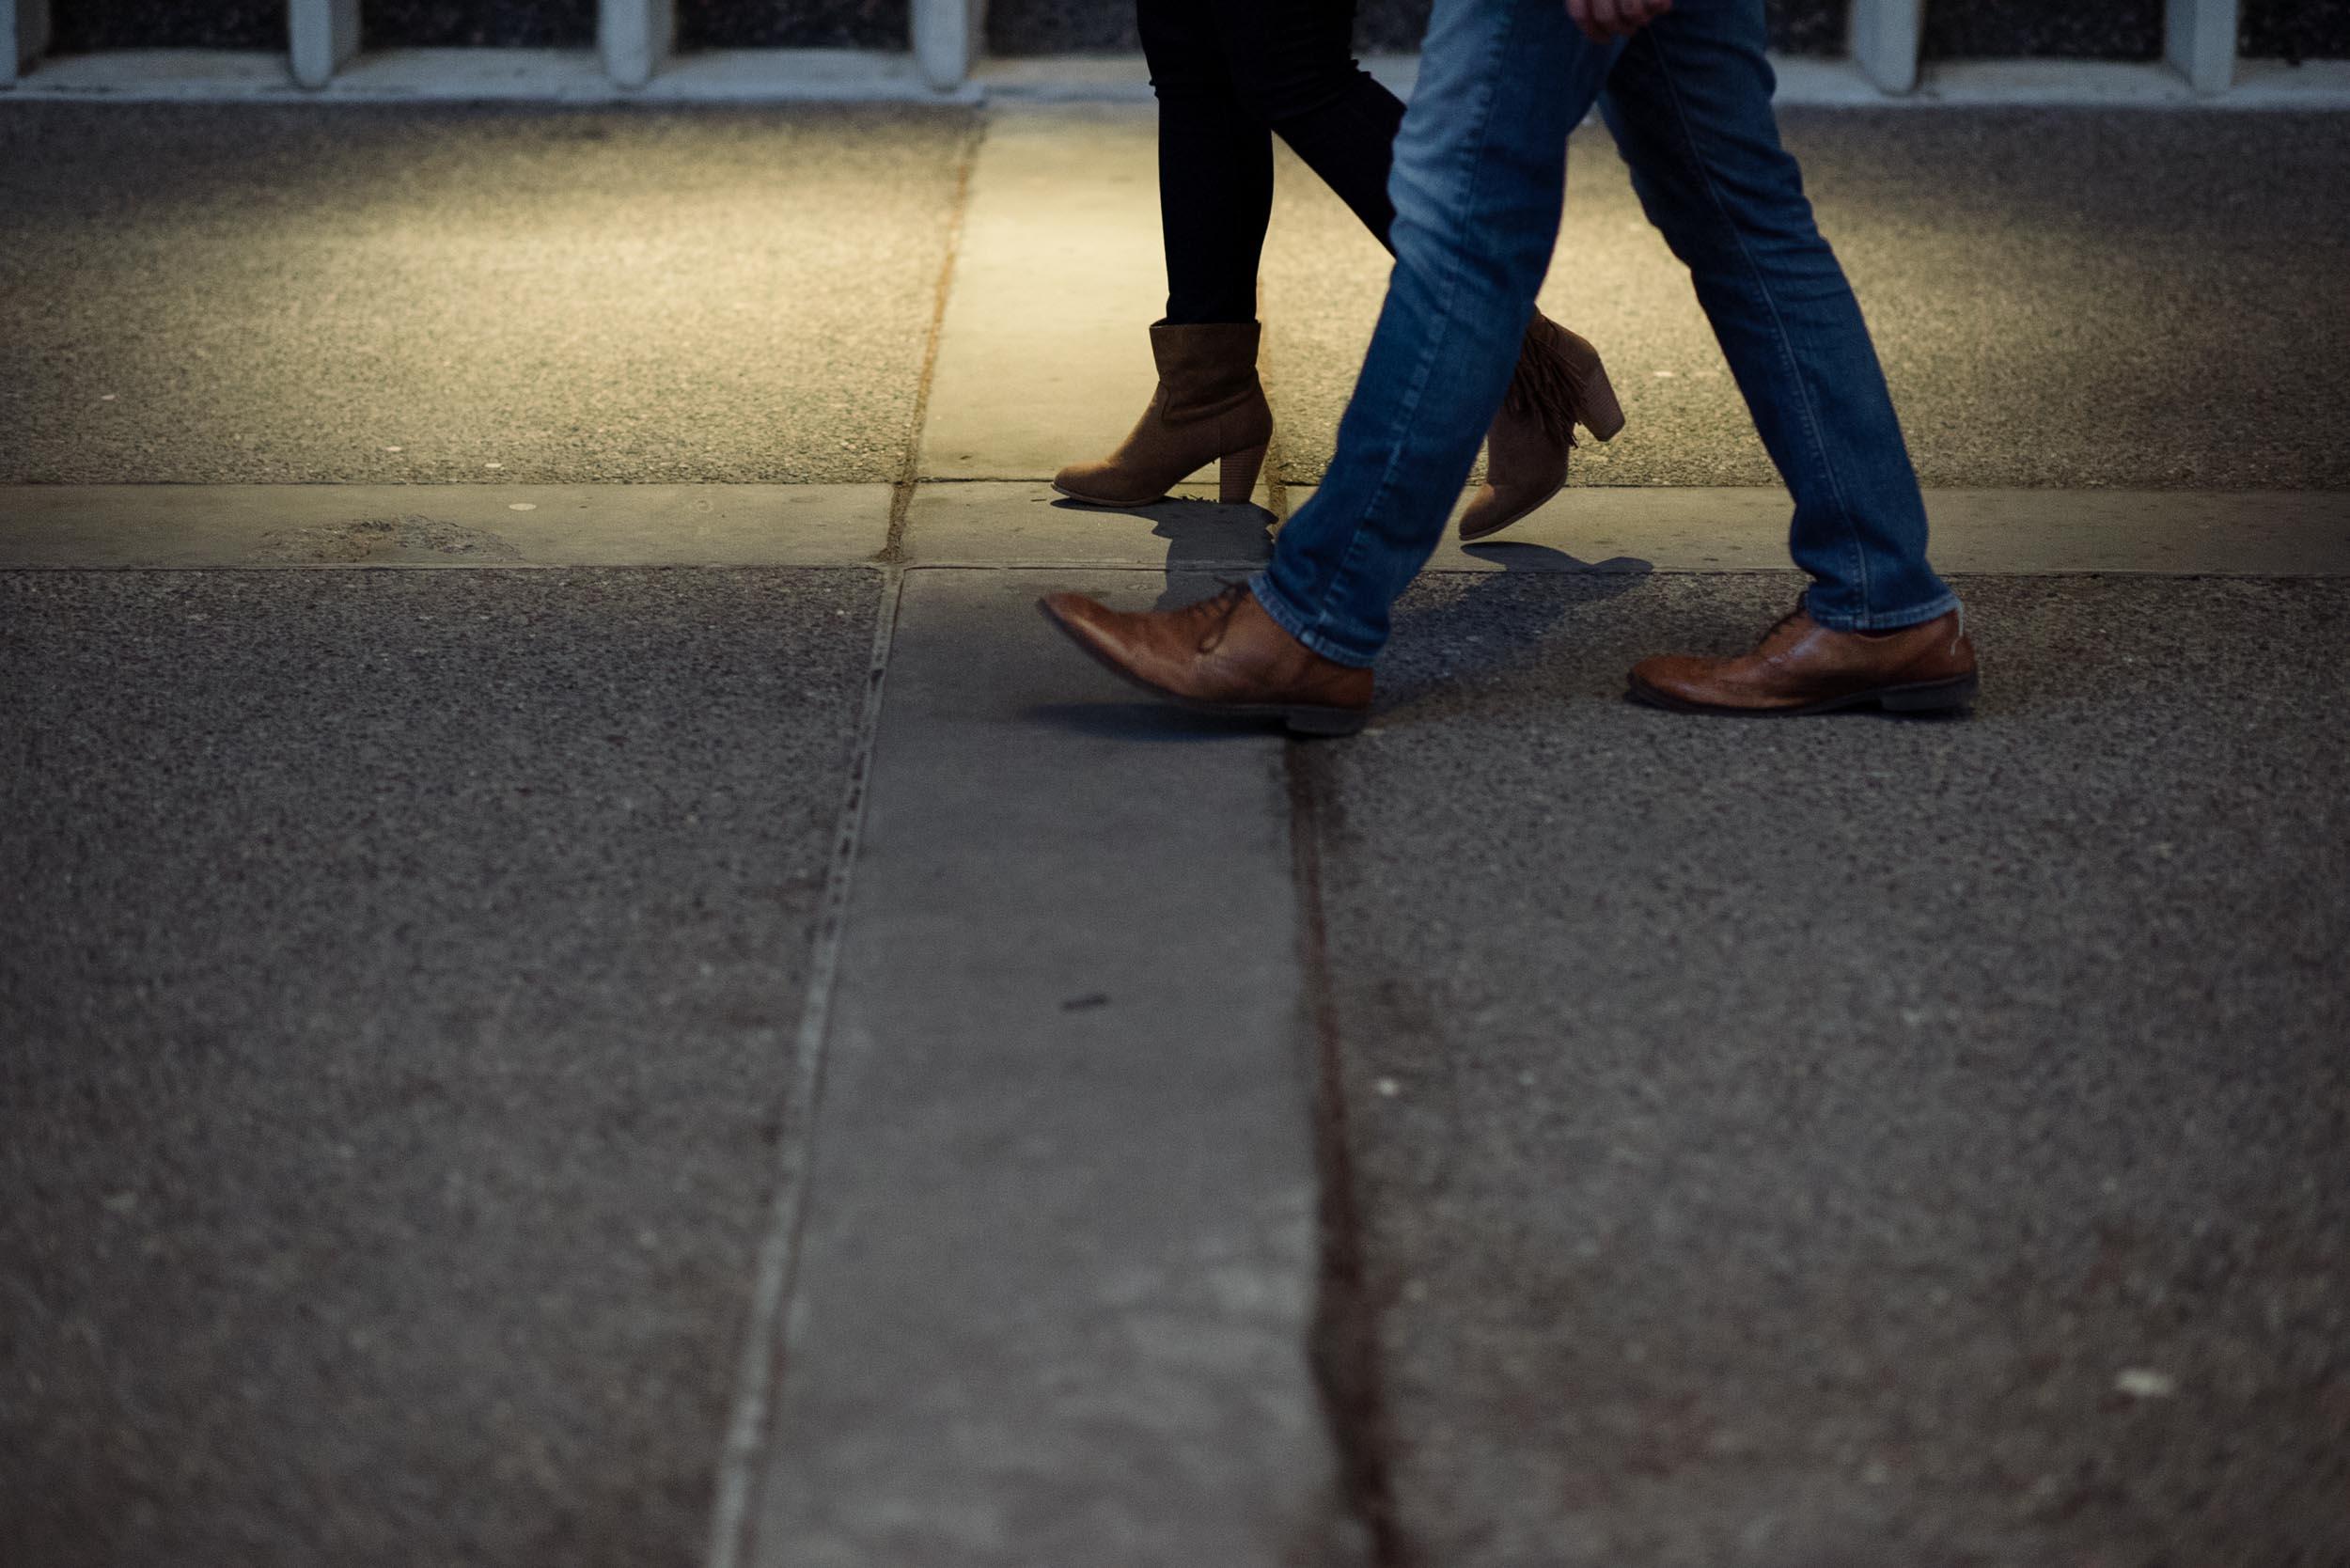 A man and woman's feet walking through a spot of light on a sidewalk.